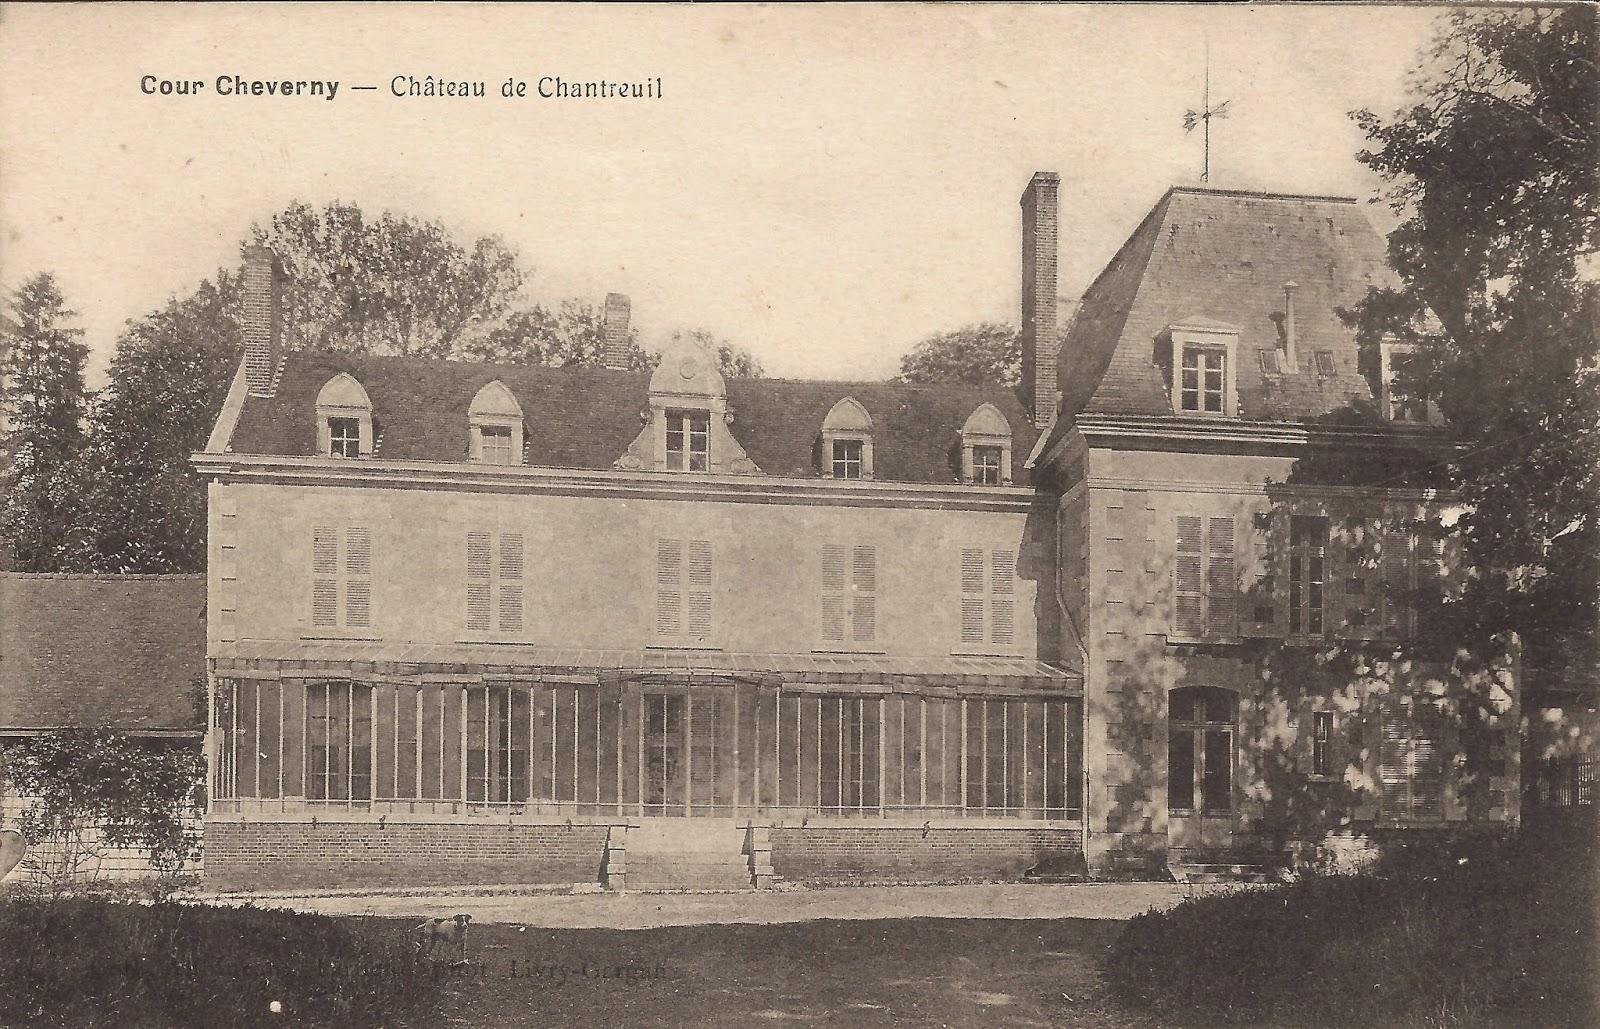 Château de Chantreuil - Cour-Cheverny